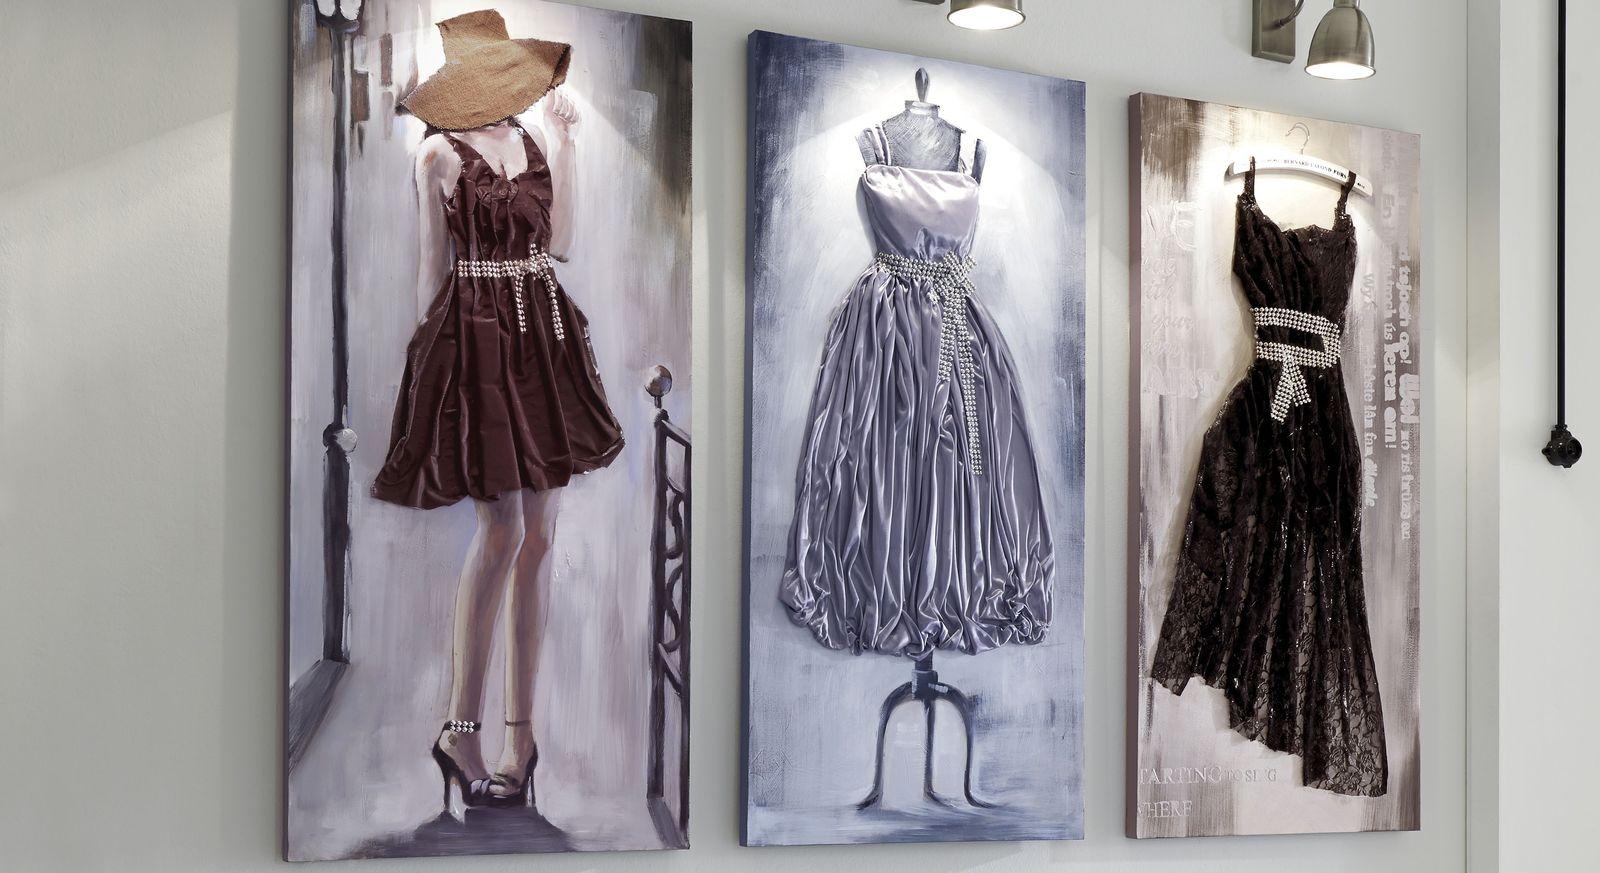 Wandbild Mit Kleid Als Relief Aus Stoff Dress Grau